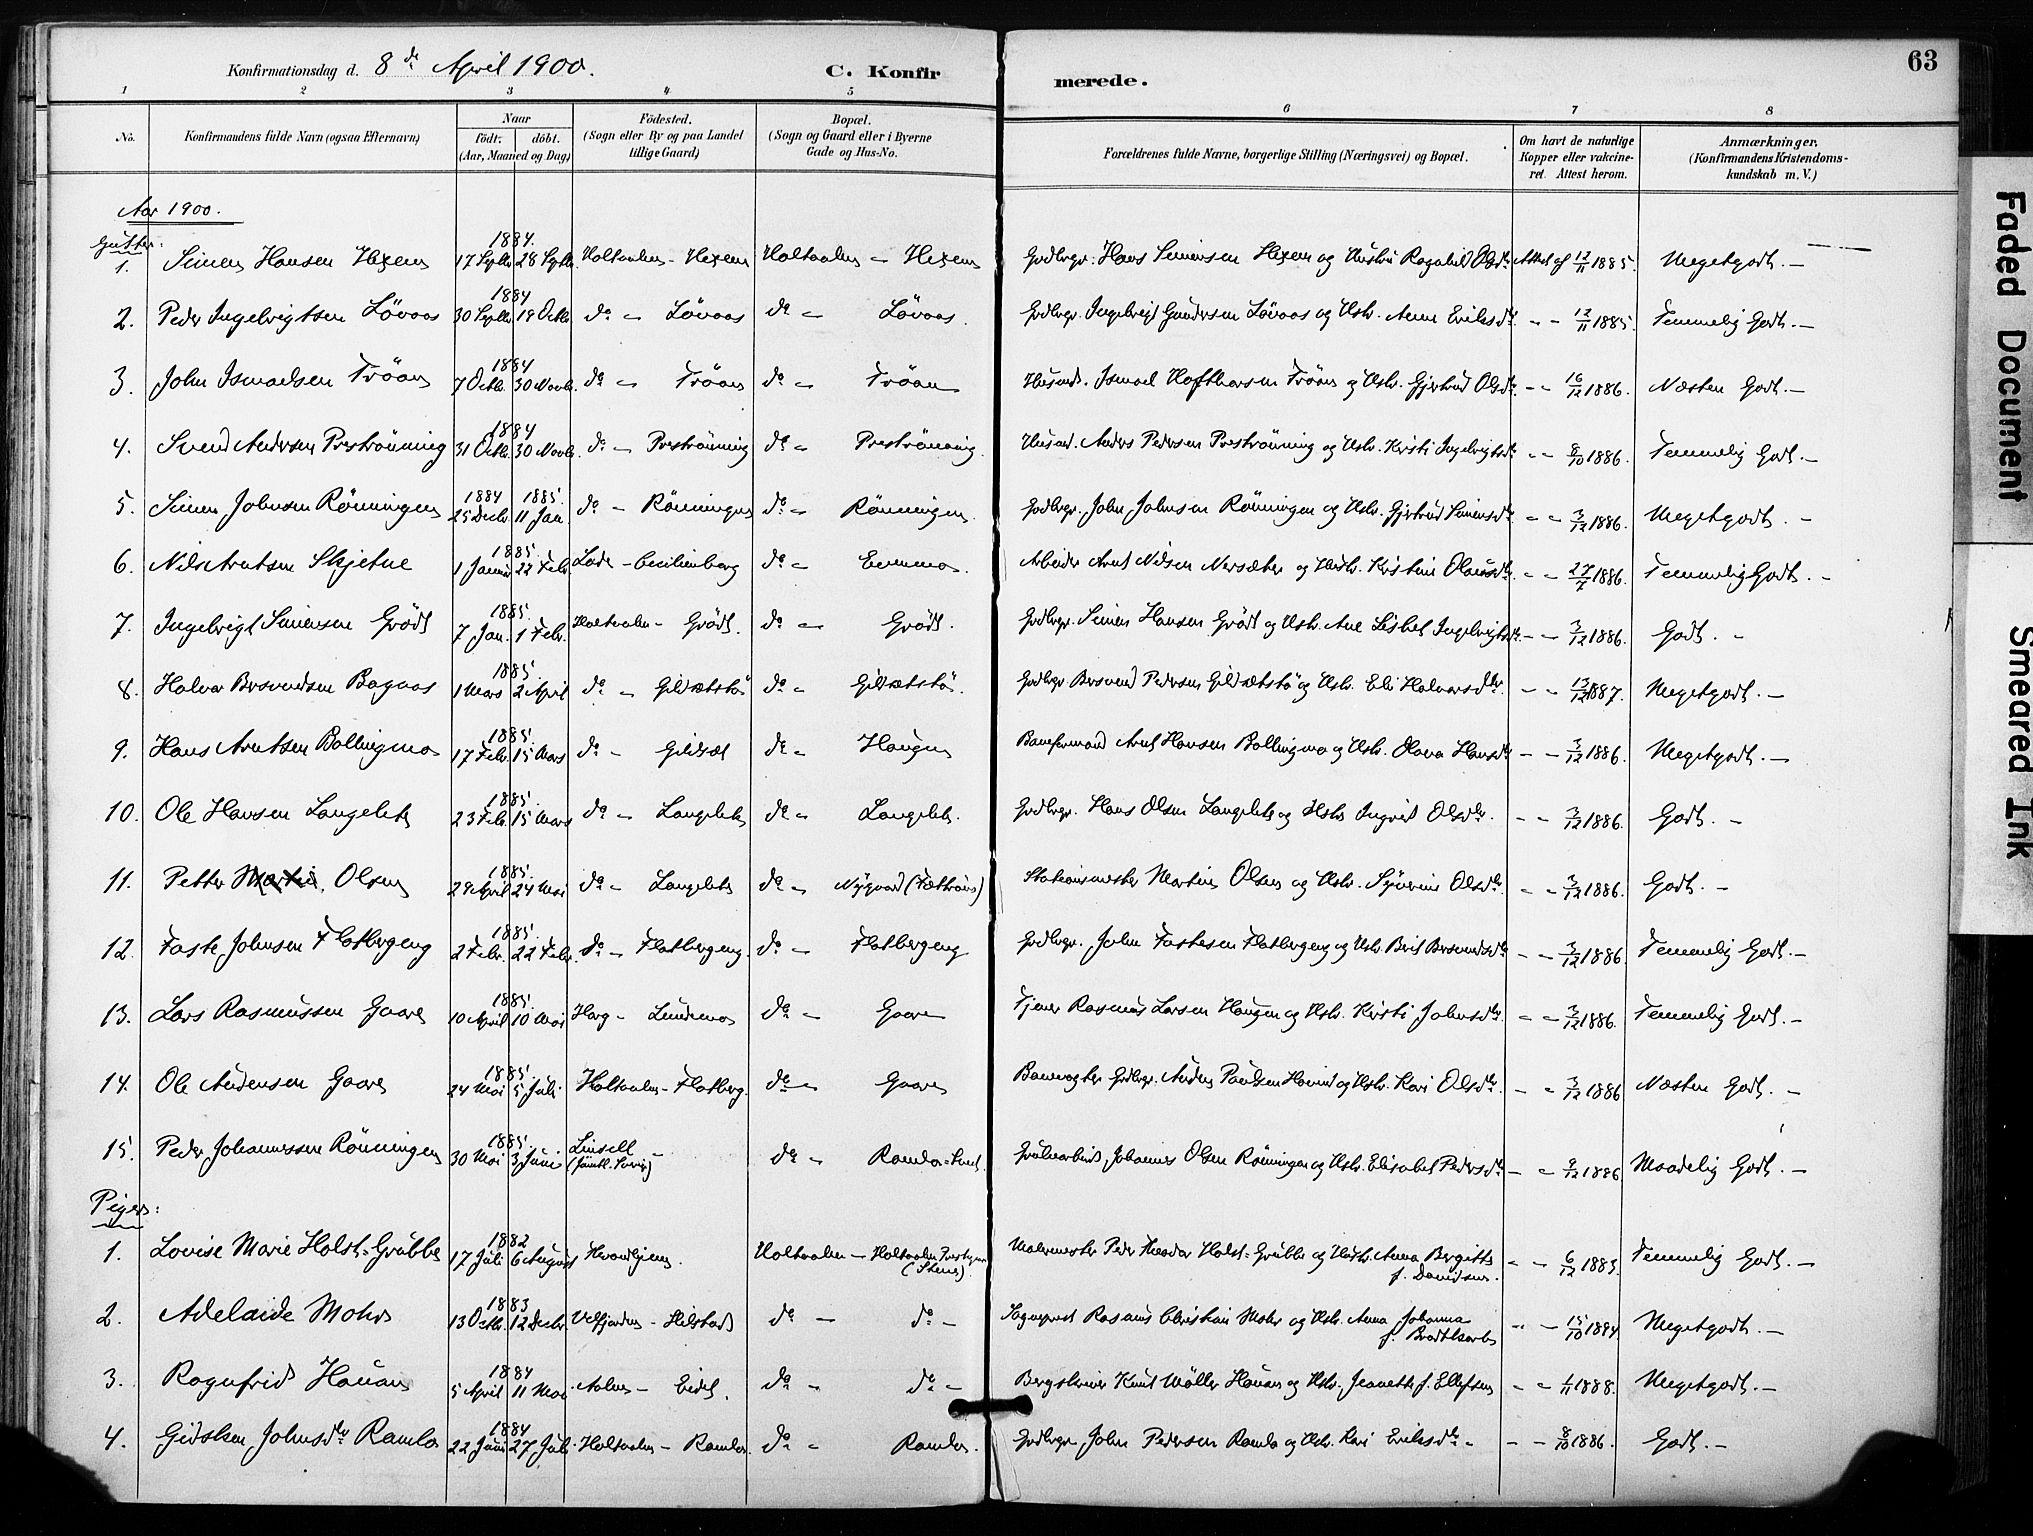 SAT, Ministerialprotokoller, klokkerbøker og fødselsregistre - Sør-Trøndelag, 685/L0973: Ministerialbok nr. 685A10, 1891-1907, s. 63